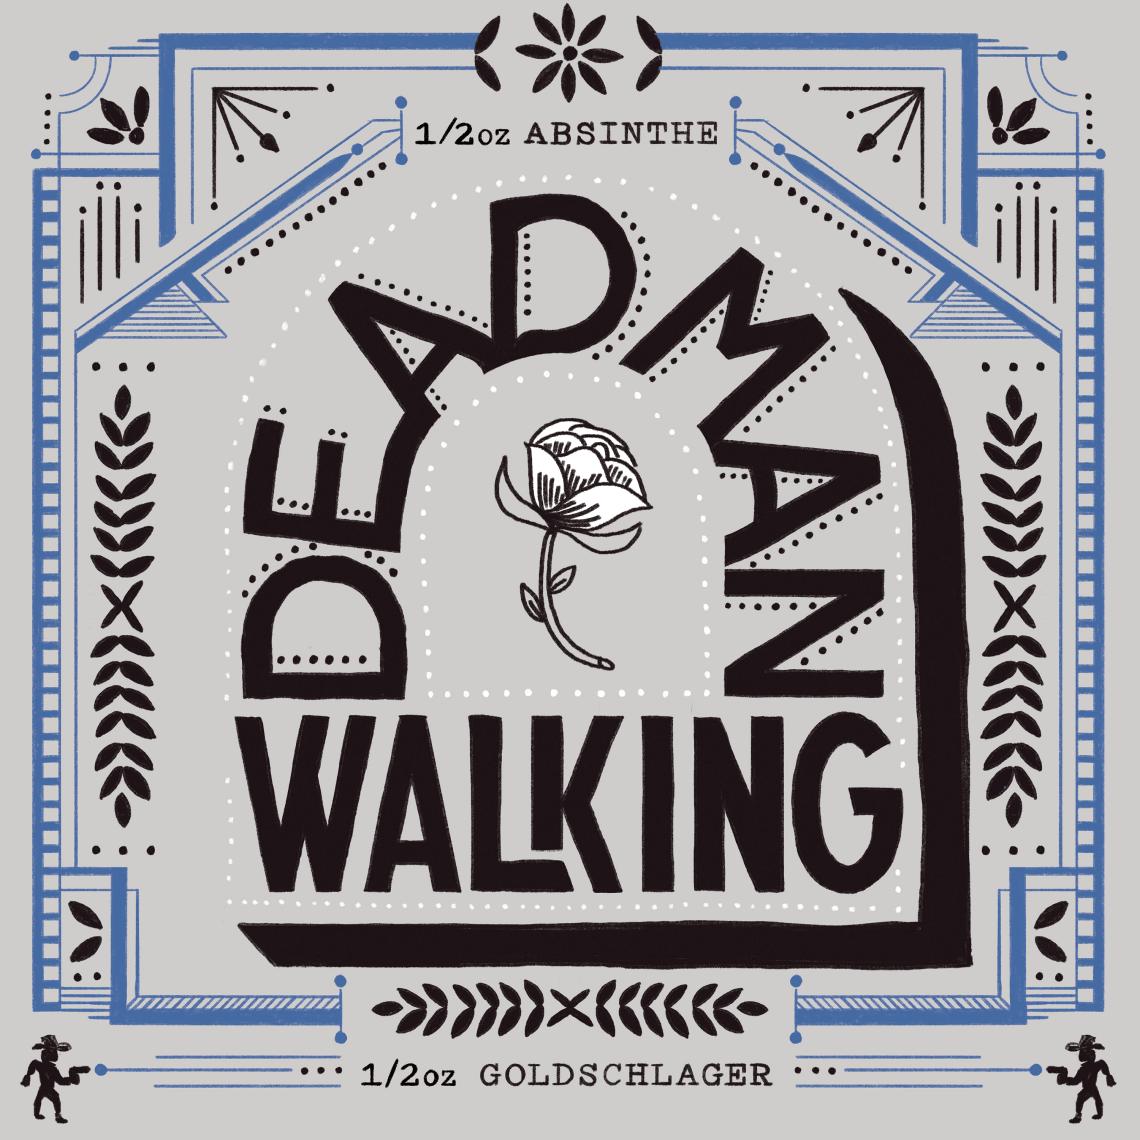 Deadman_Walking-0101